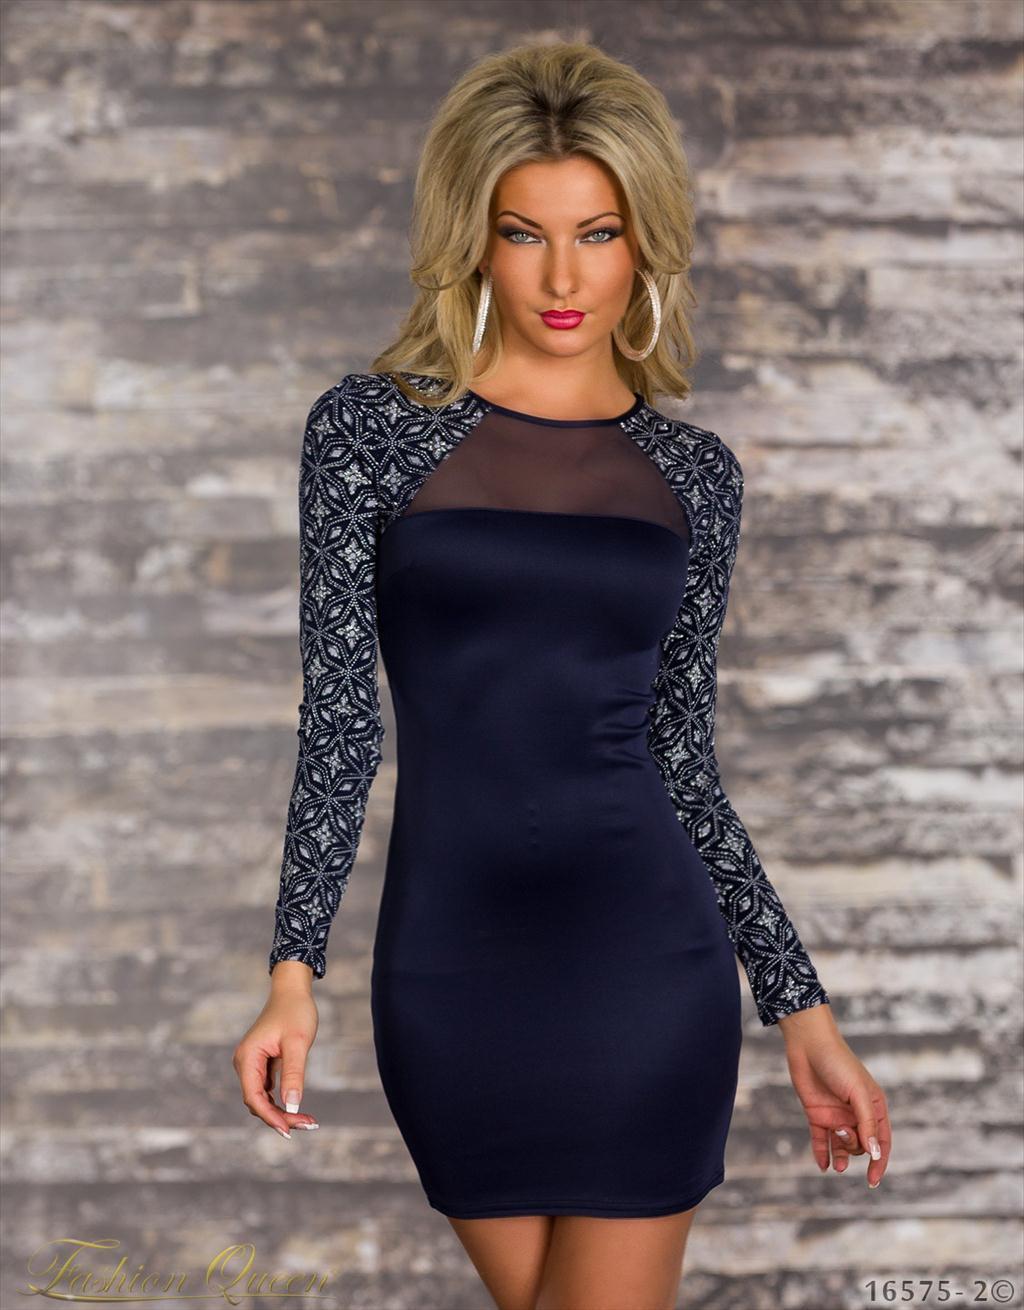 Fashion Queen - Dámske oblečenie a móda - Šaty s dlhým rukávom b8ba19bbe50